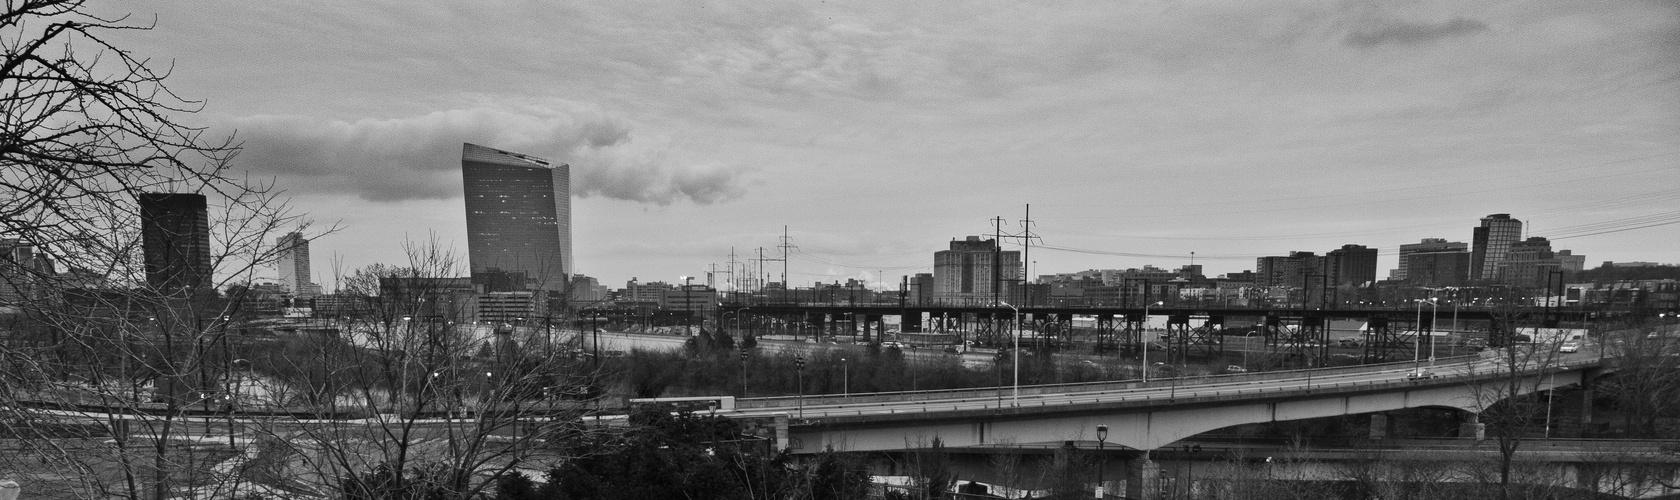 Stadtlandschaft in Philly